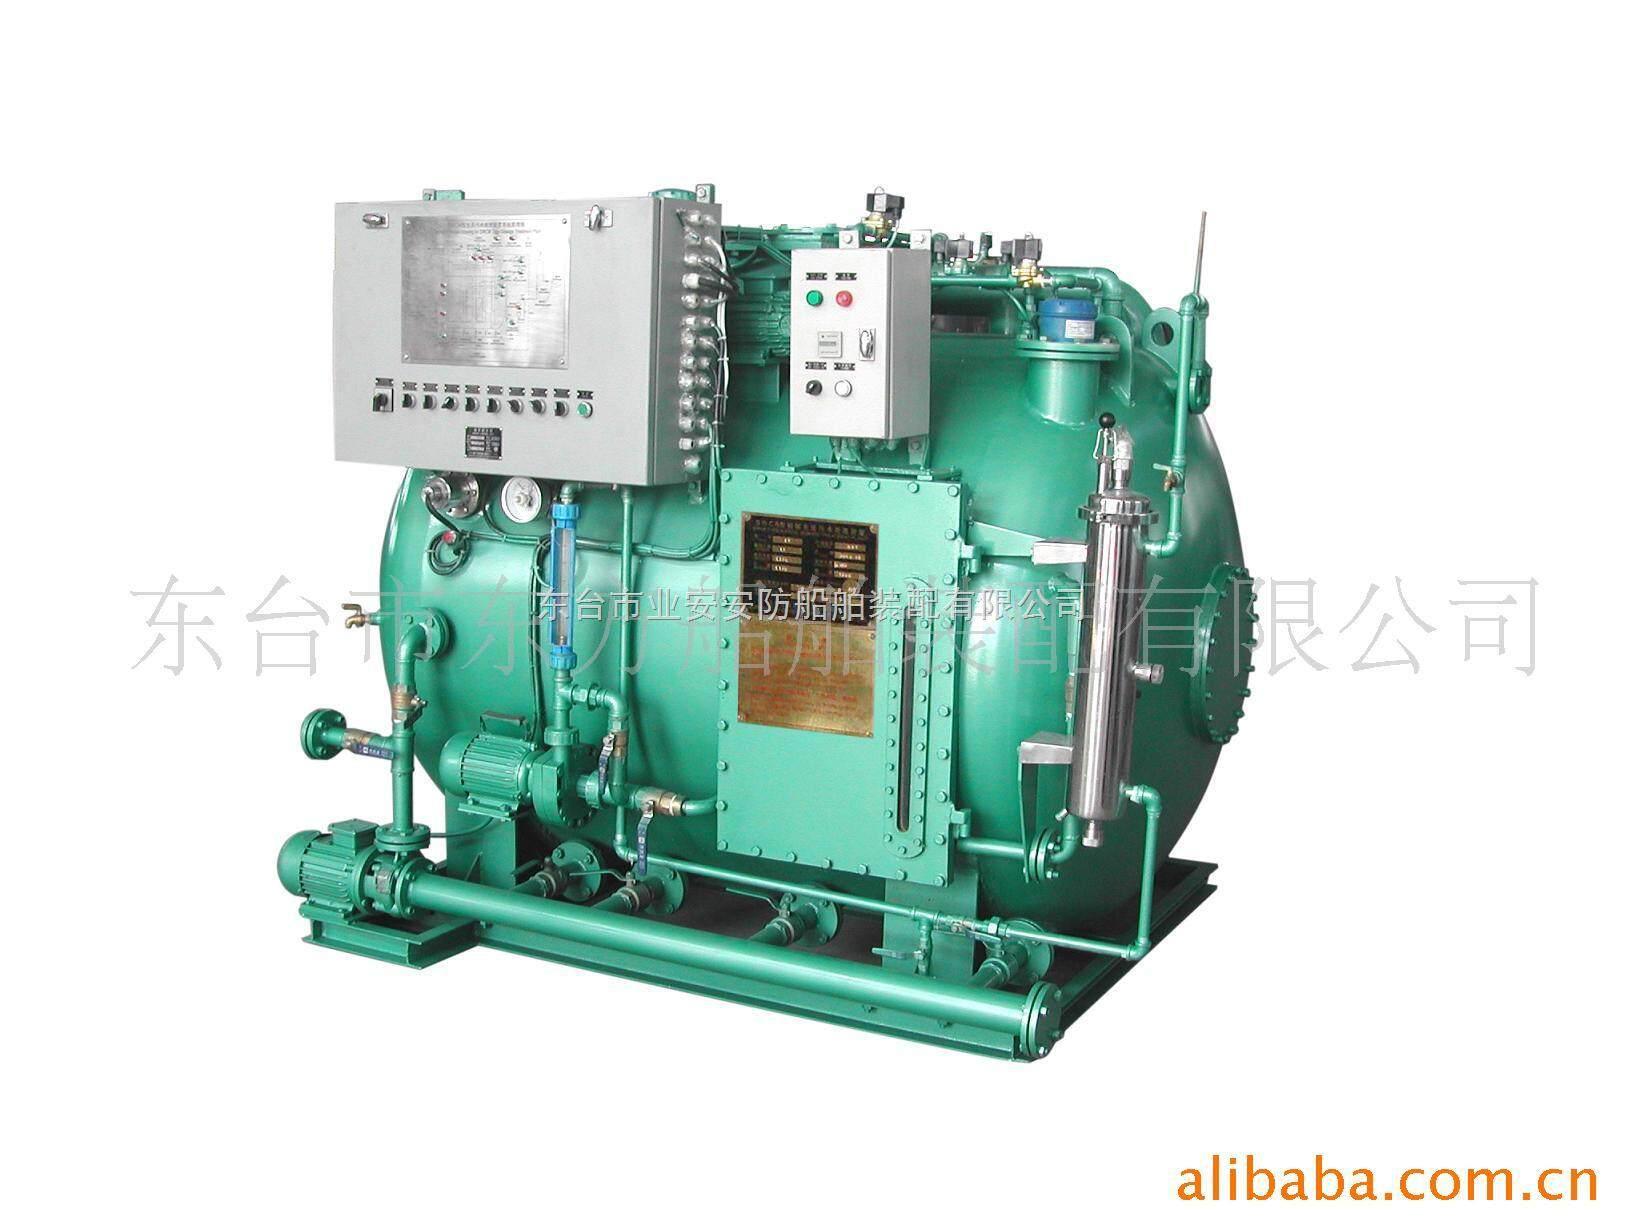 四川新型SWCM型膜法生活污水处理装置